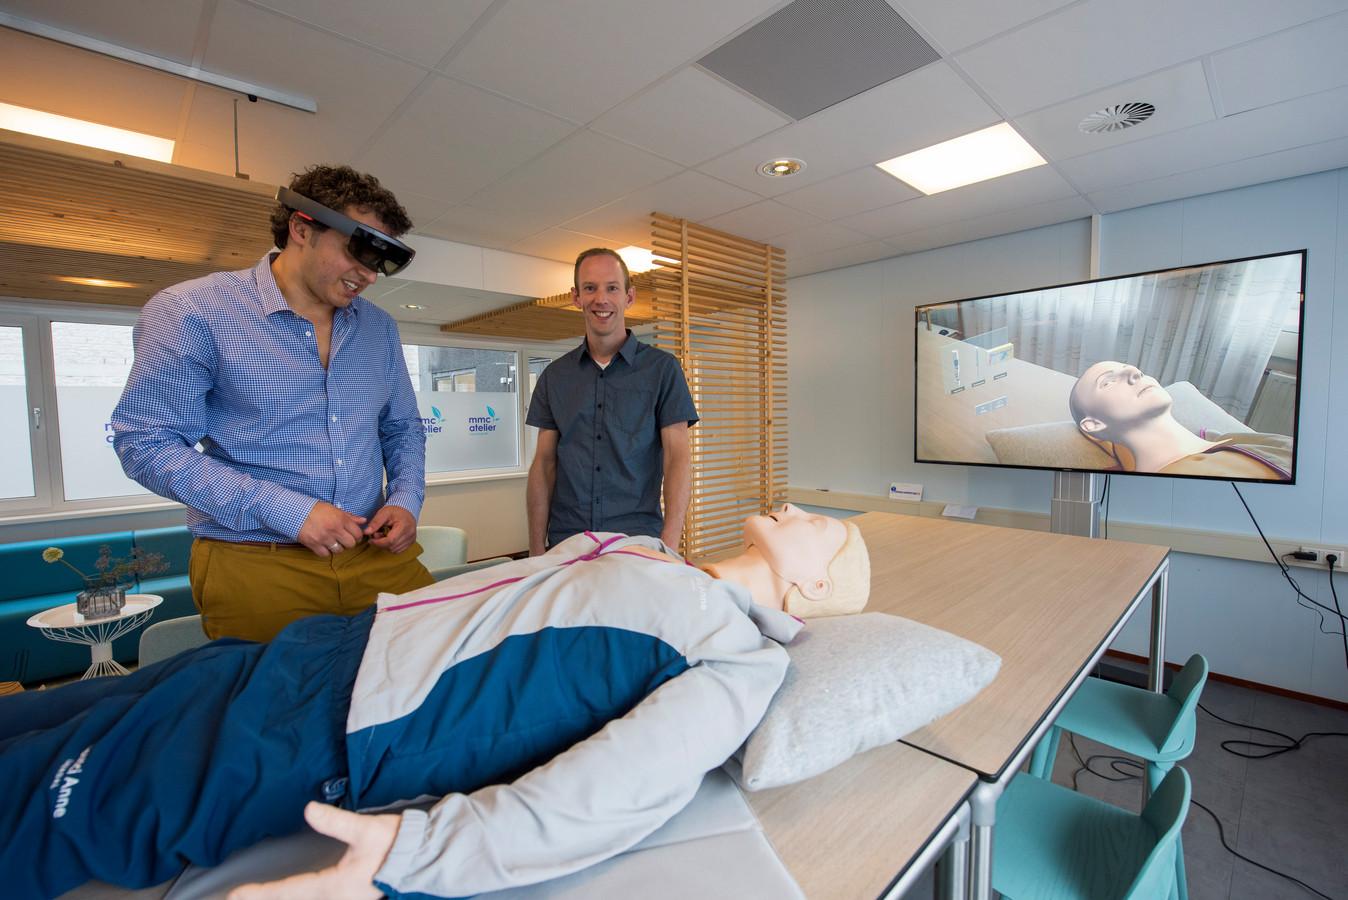 Jasen Hashem (links) en Pieter Tegelaers van TrueSim, met behulp van een app verzorgt het bedrijf levensechte simulatietrainingen voor artsen en verpleegkundigen.